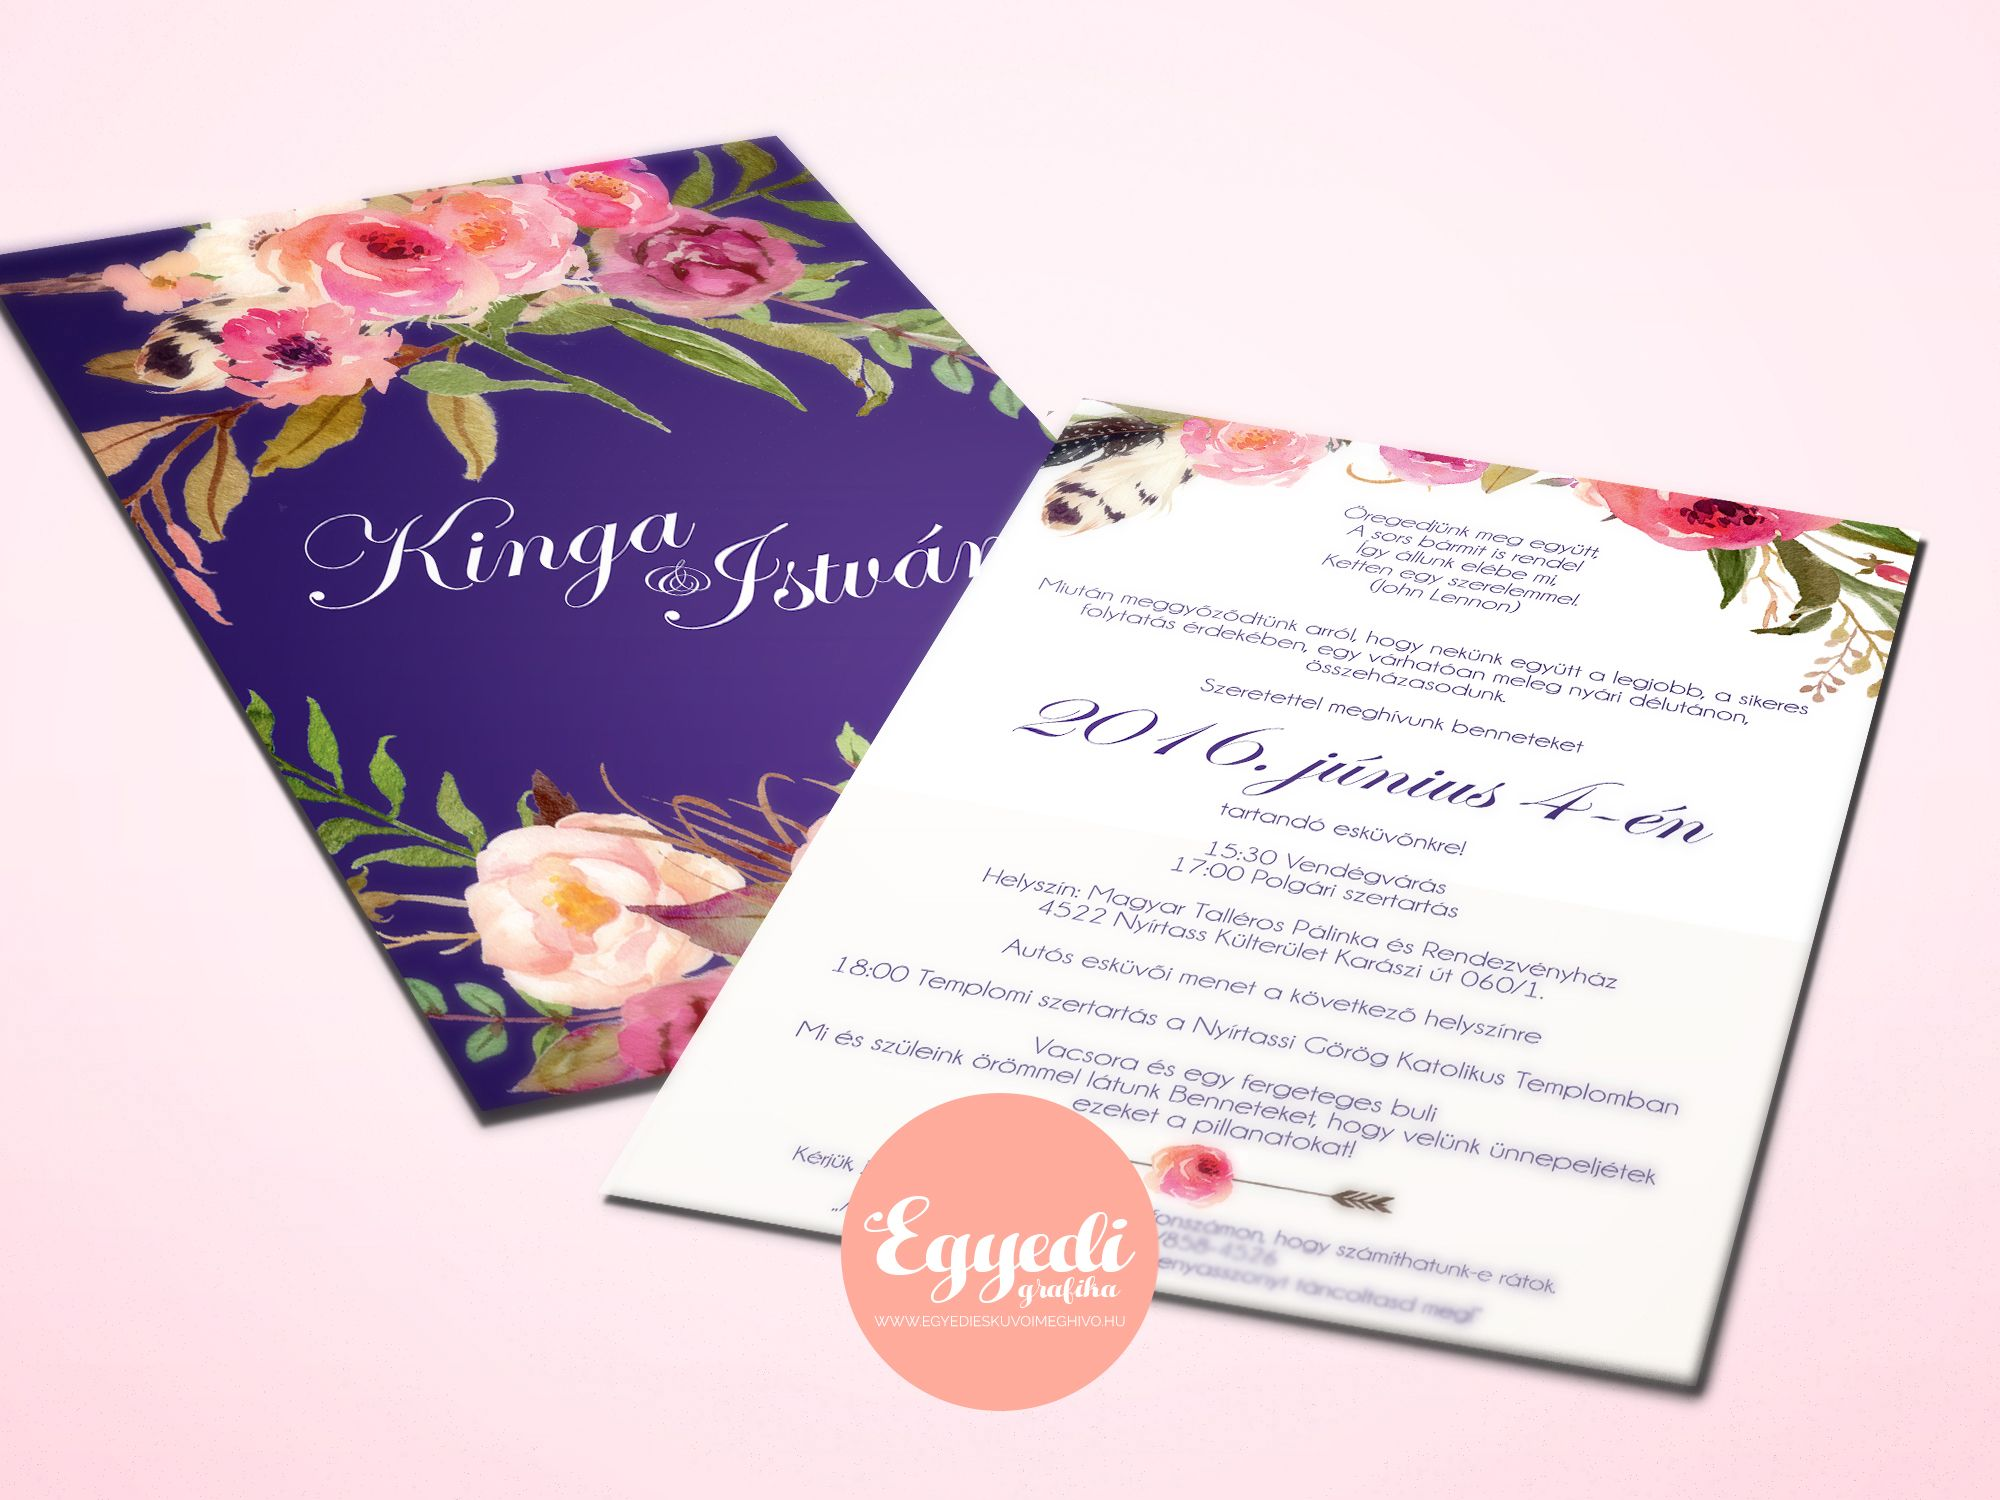 e7125b296b Élénk, virágos esküvői meghívó | Vibrant floral wedding invitation